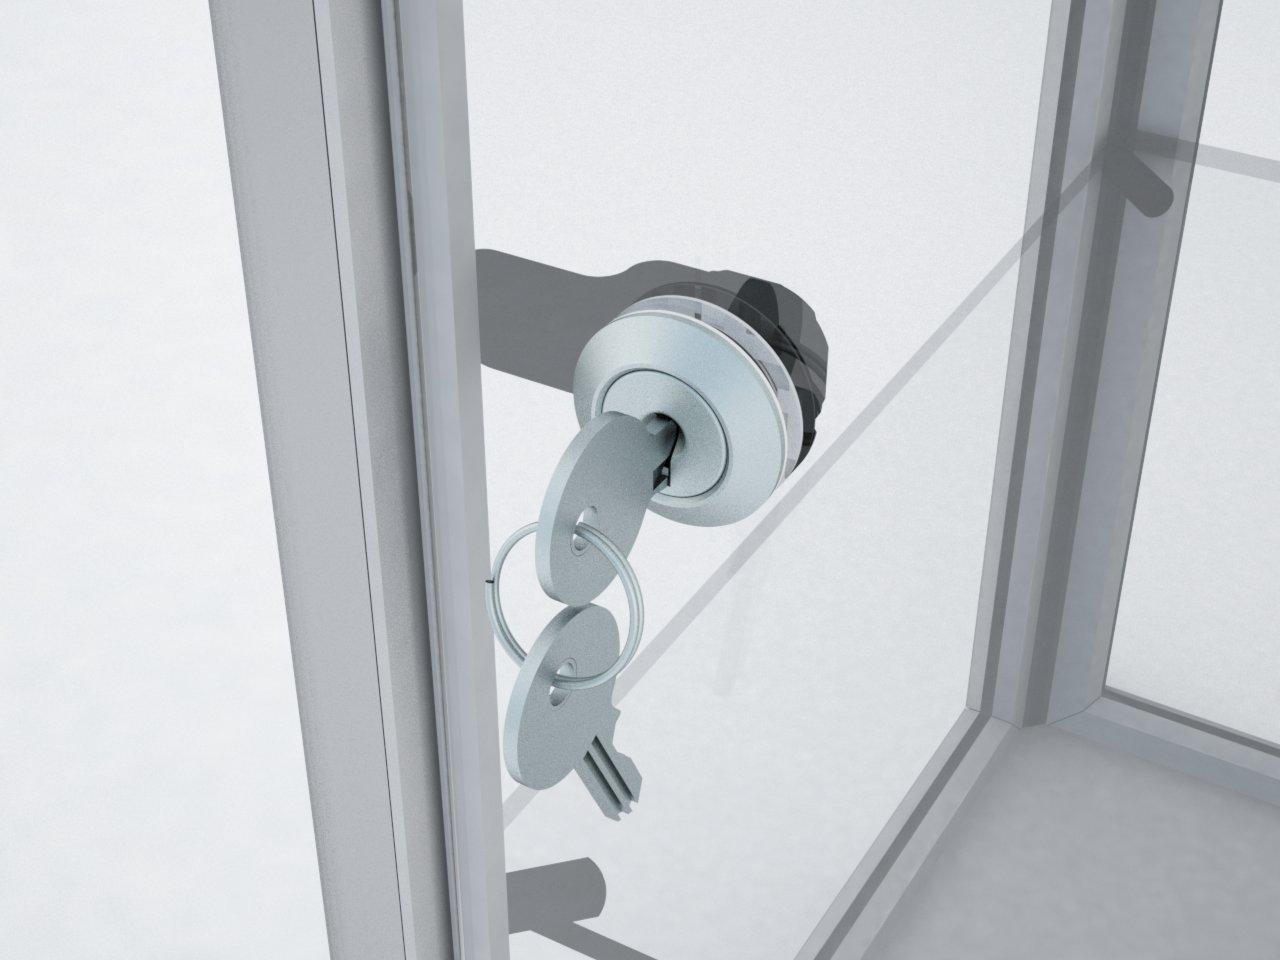 Detalhe da fechadura com lingueta P140 para segurança de vitrines com porta de vidro. Uso com o batente A906.